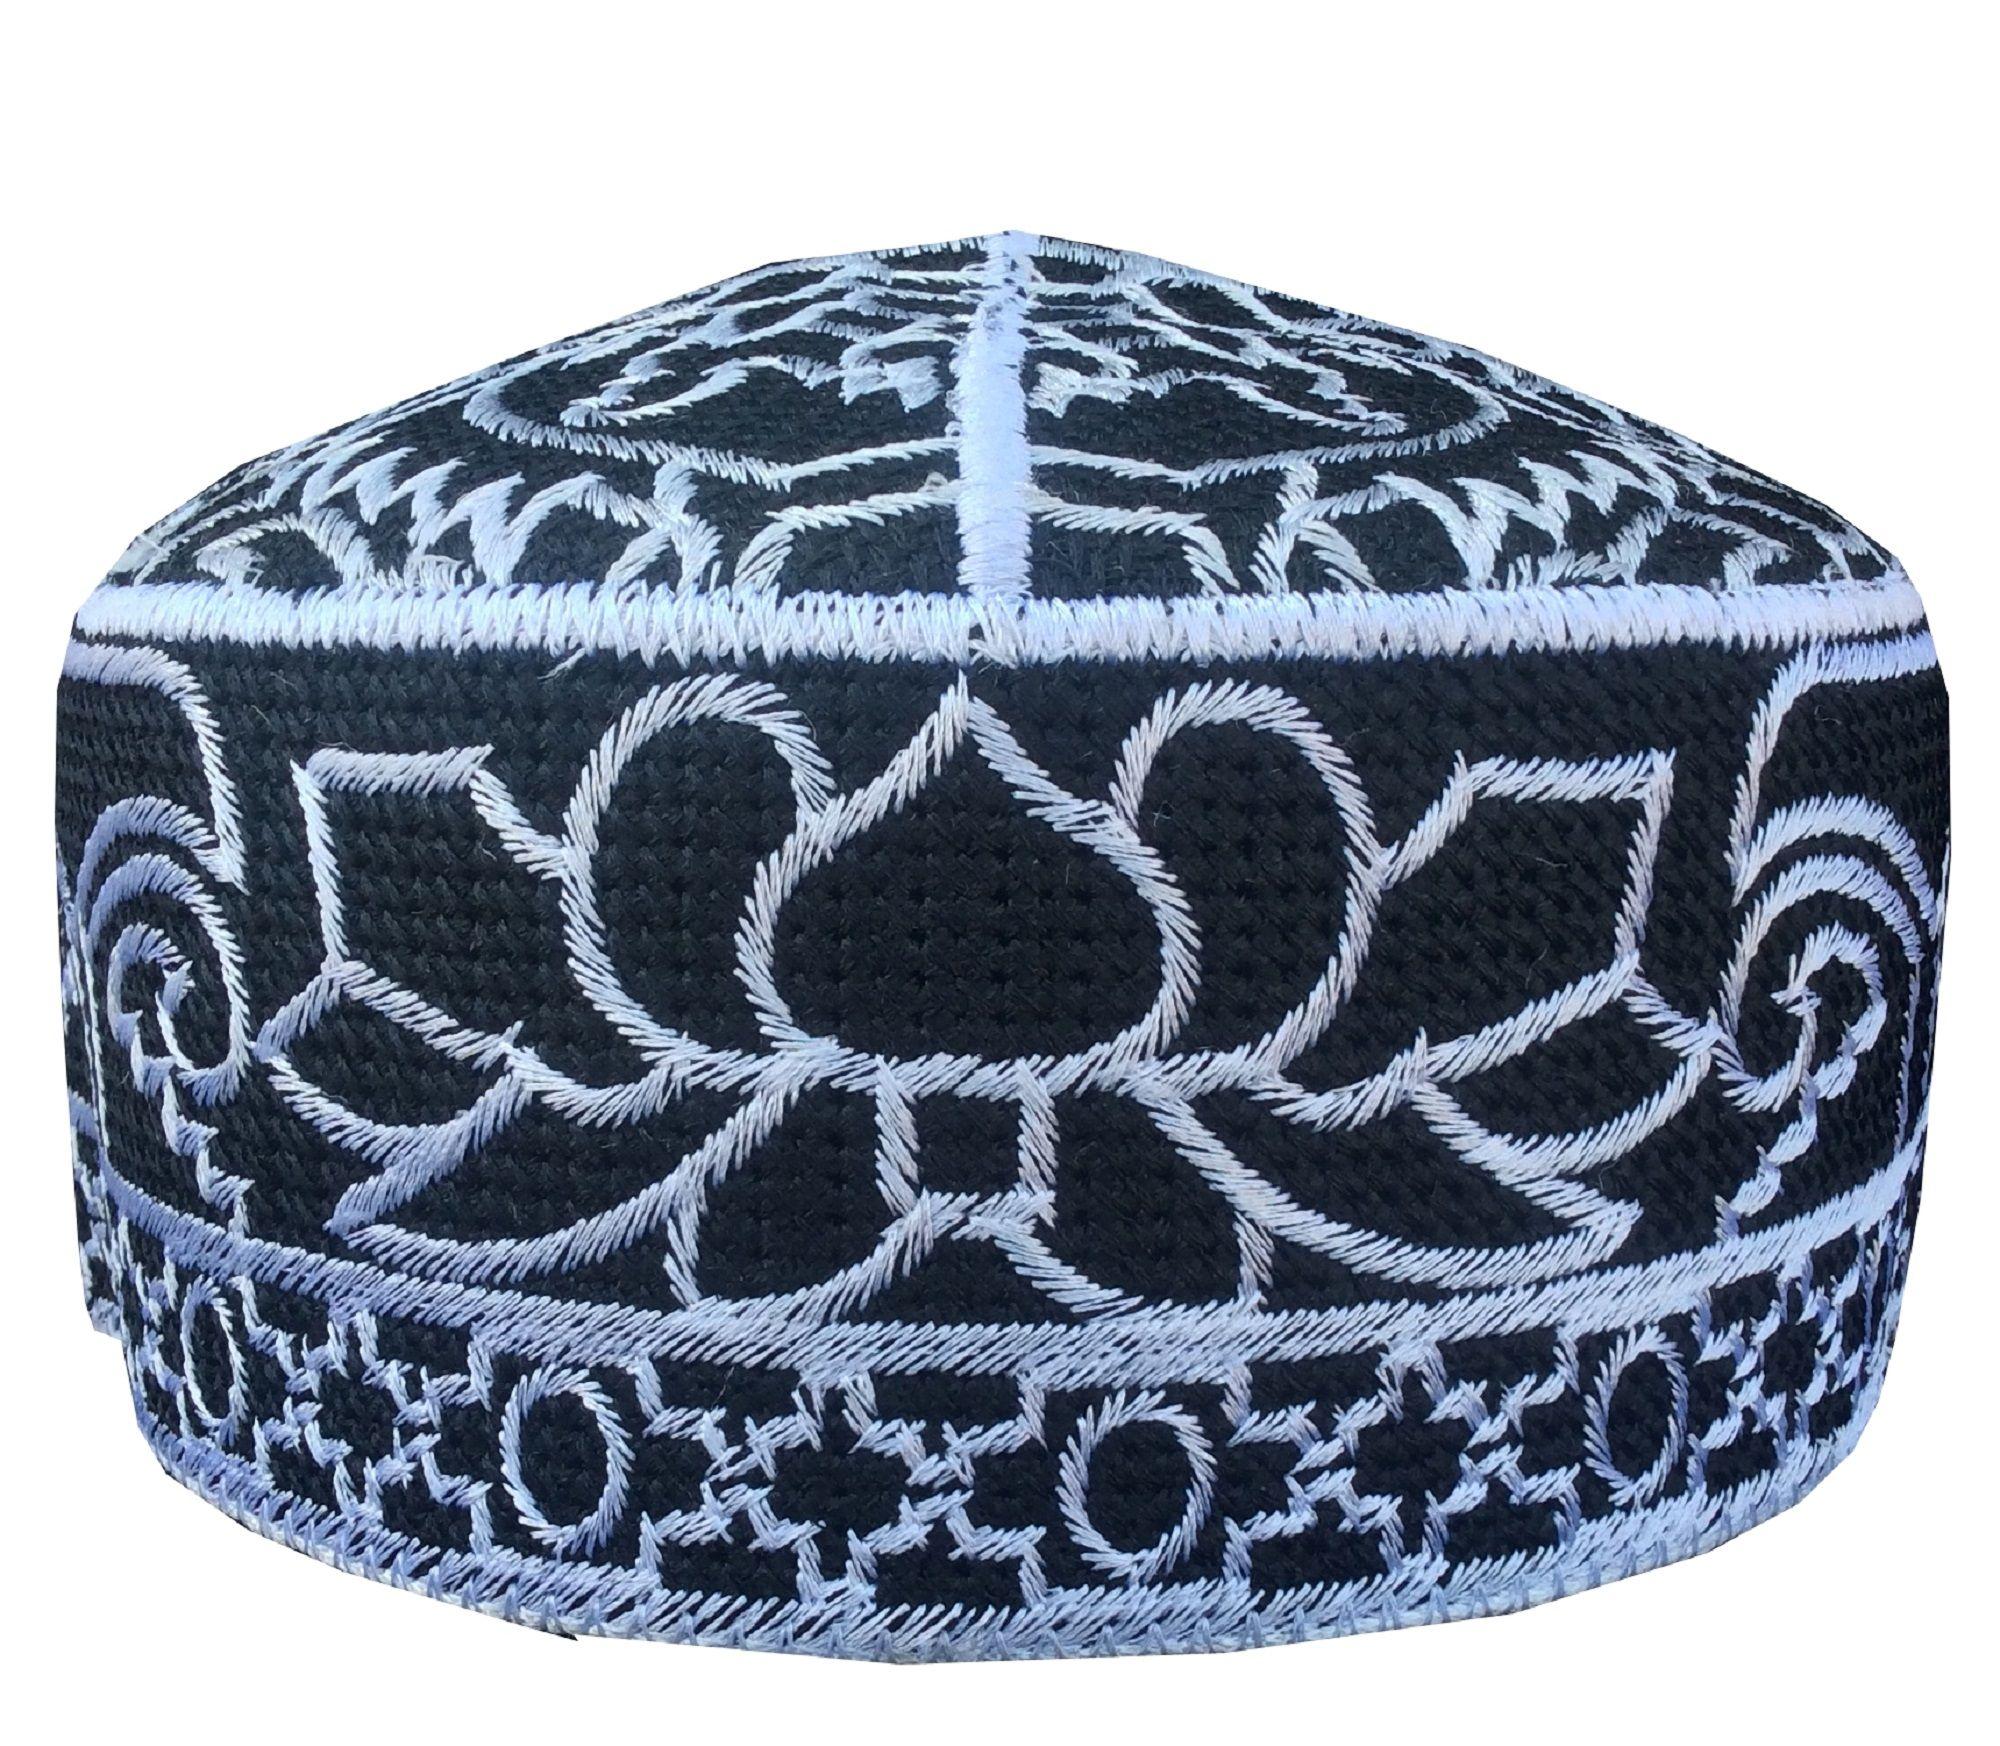 Saudi Arabia Ramzan Kufi Men S Cap Hand Embroidered Koofi Cap Taqiya Takke Kofia Topi Pakistani Hand Embroidered Mens Caps Hats For Men